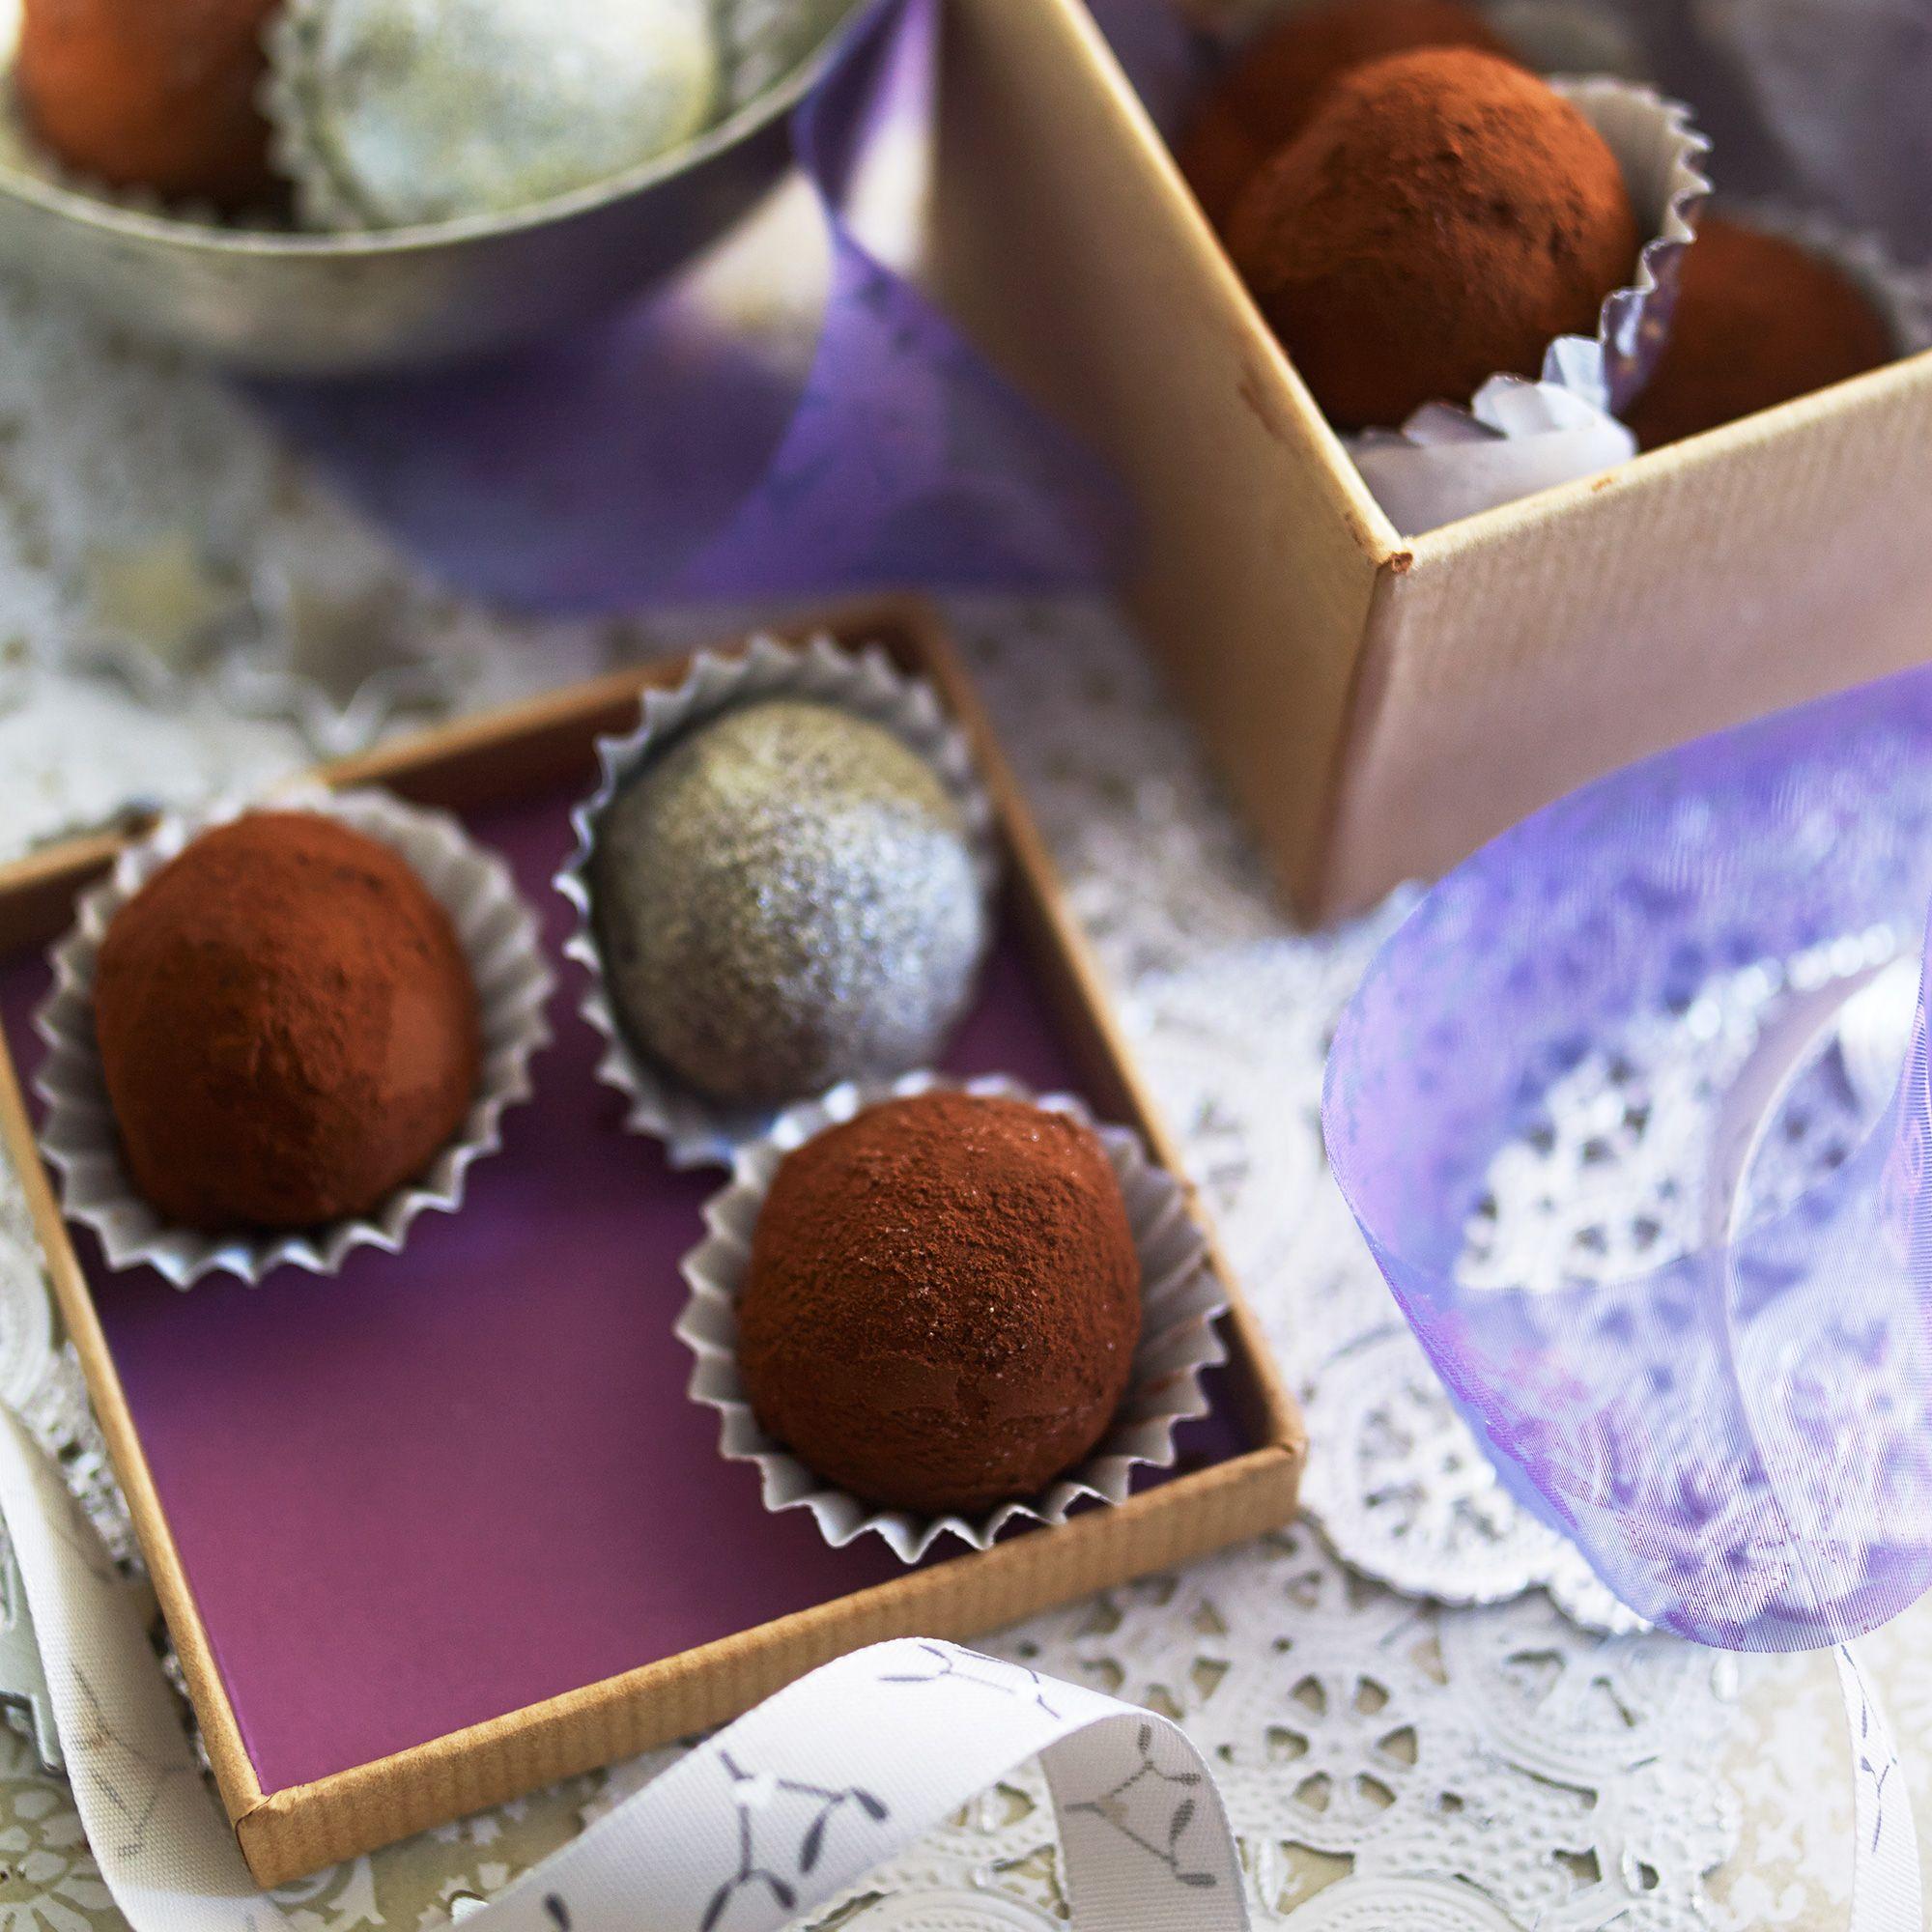 Ginger chocolate truffles